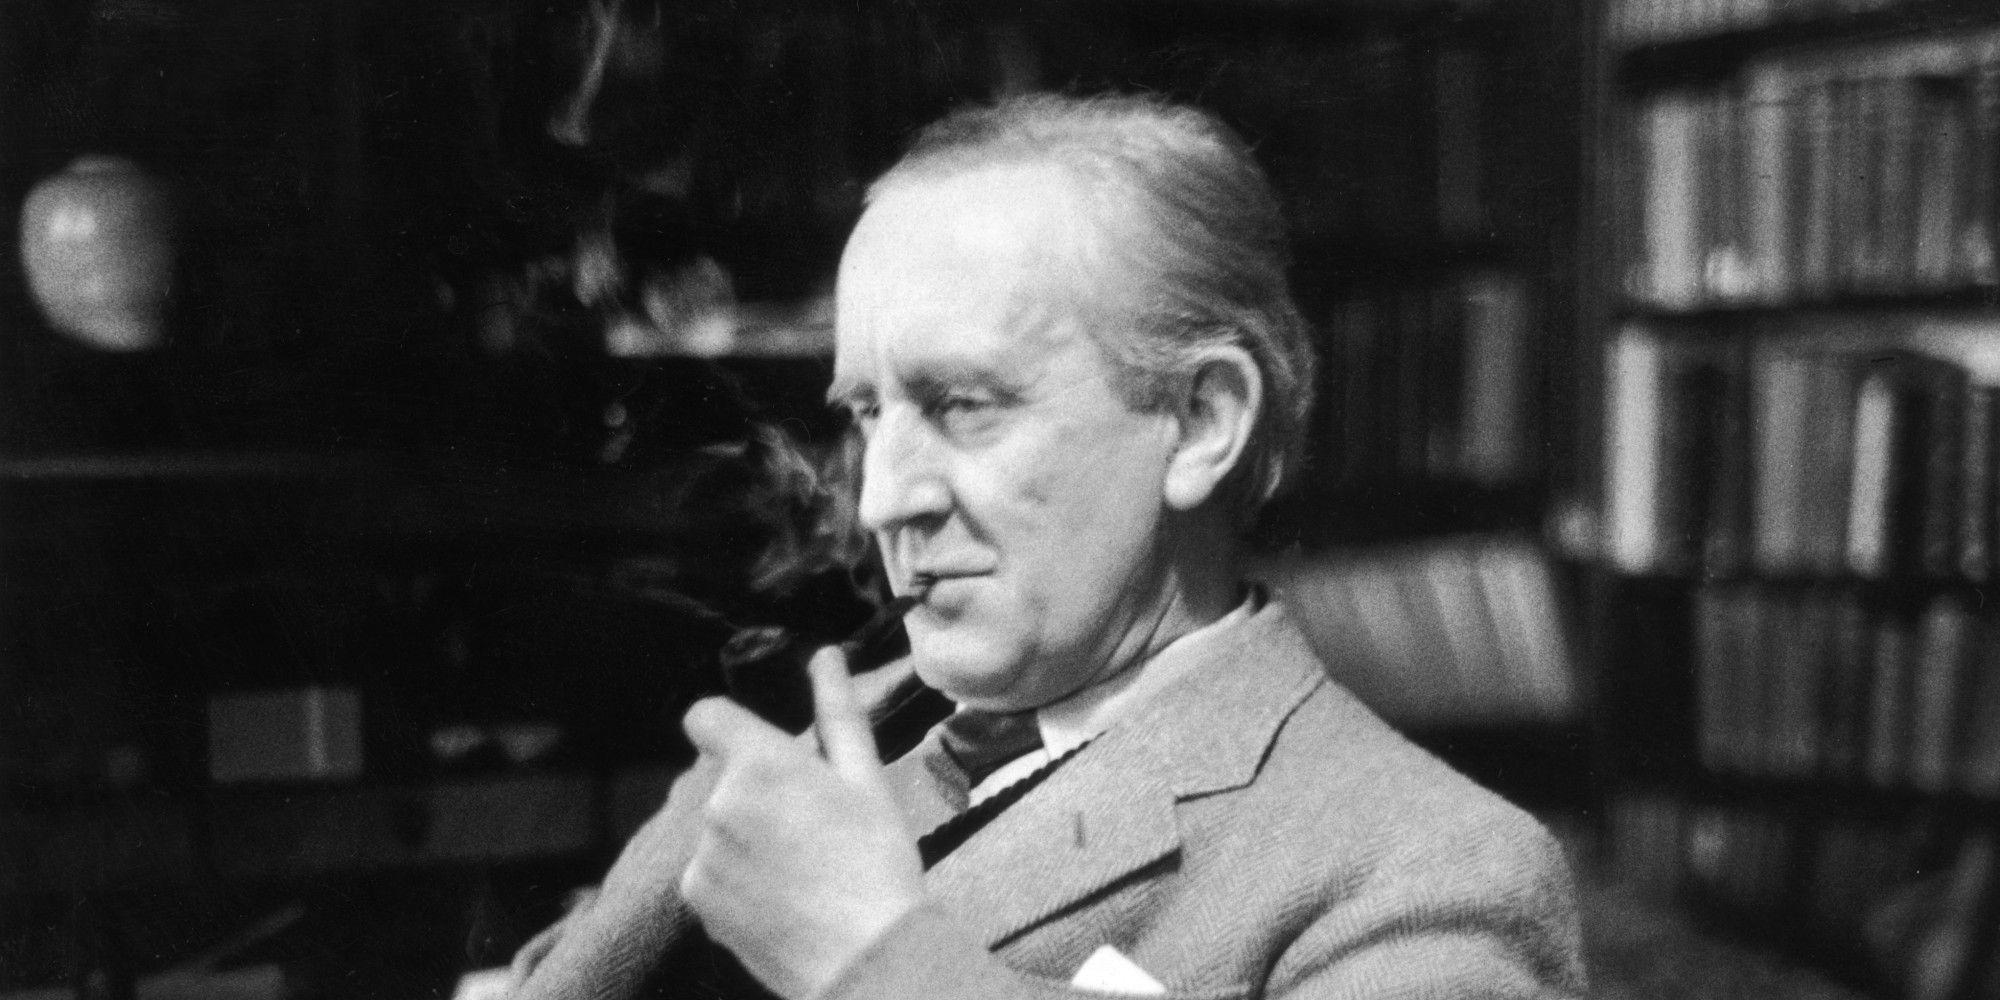 #Livro inédito de #Tolkien será publicado ainda neste mês